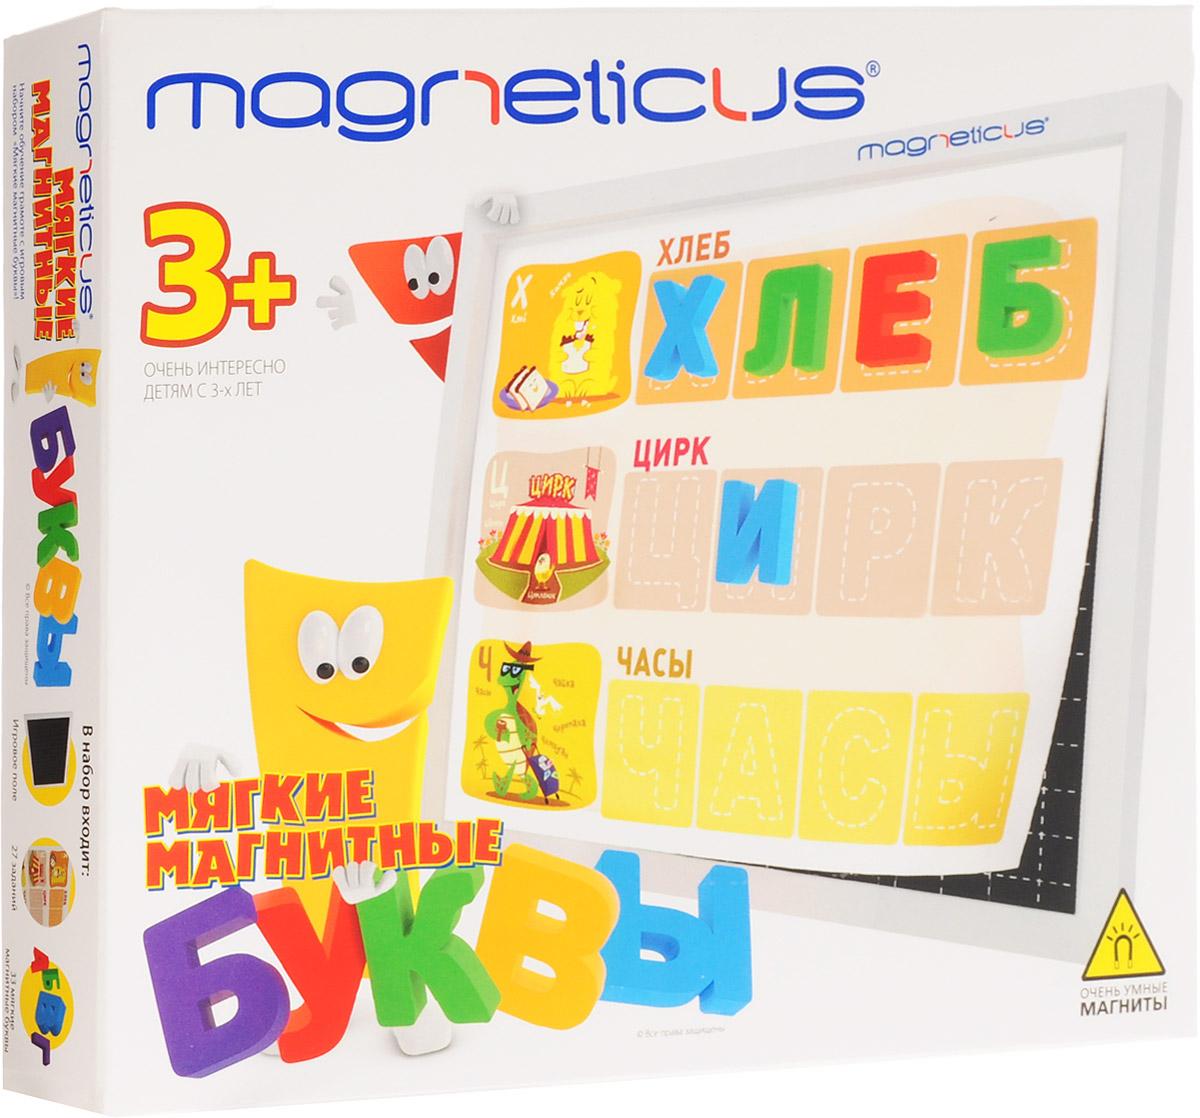 Magneticus Обучающая игра Мягкие магнитные буквы настольная игра magneticus магнитные цикады шар sm 20bl